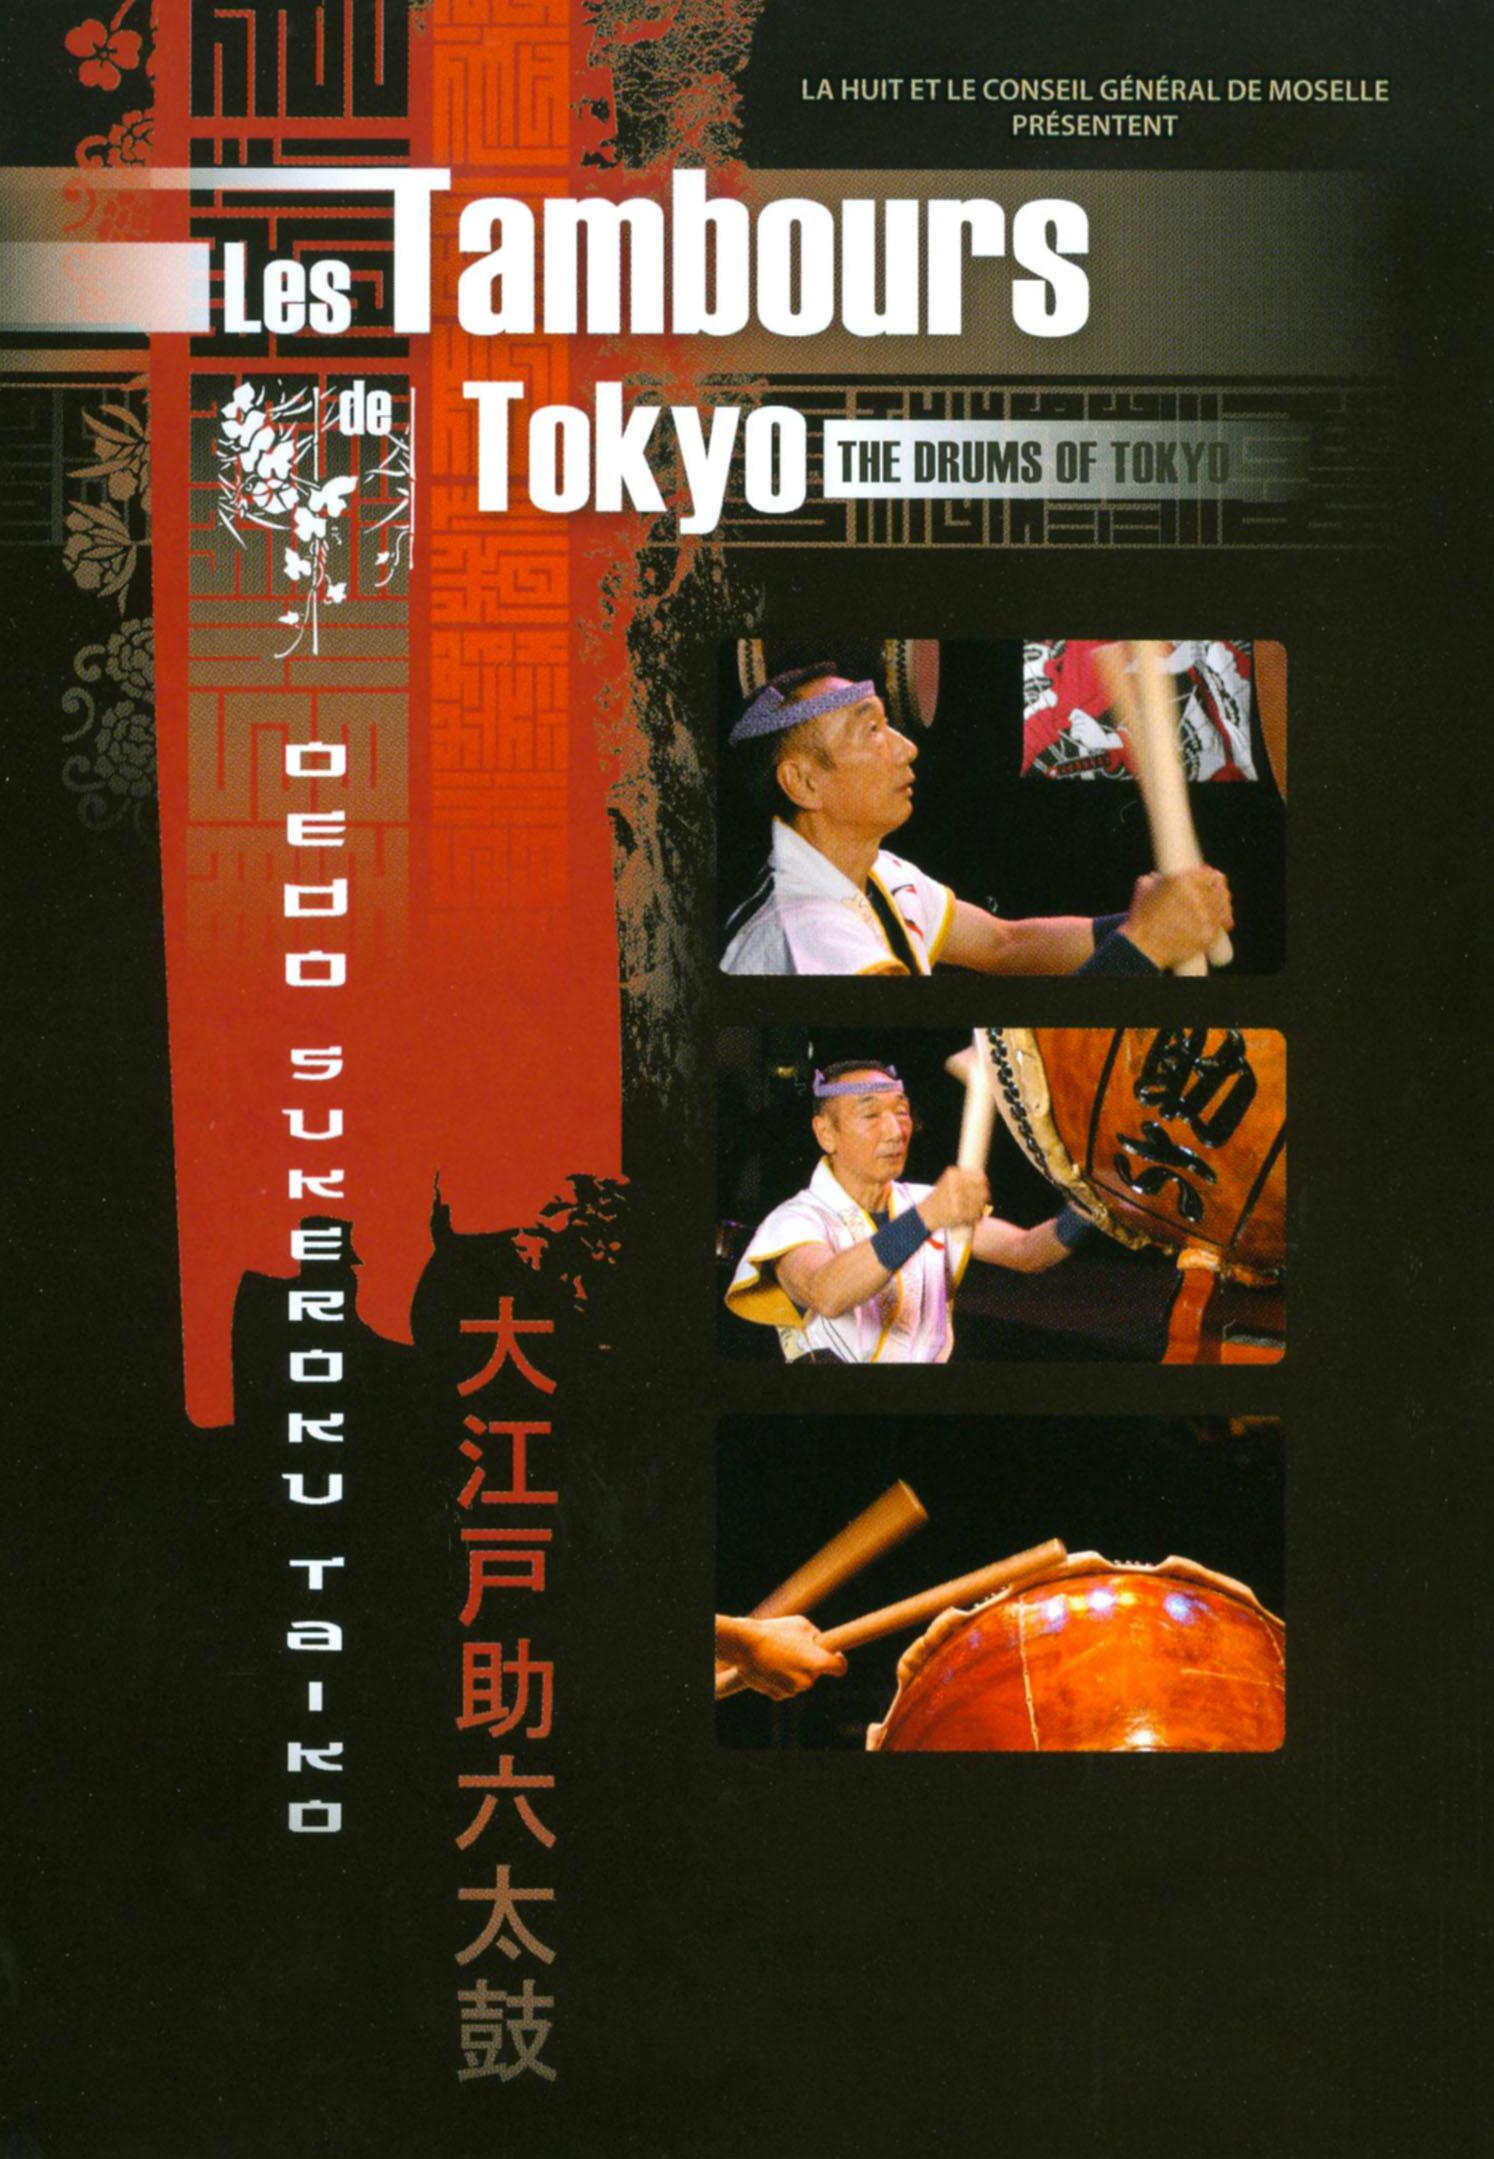 Oedo Sukeroku Taiko Live: The Drums of Tokyo